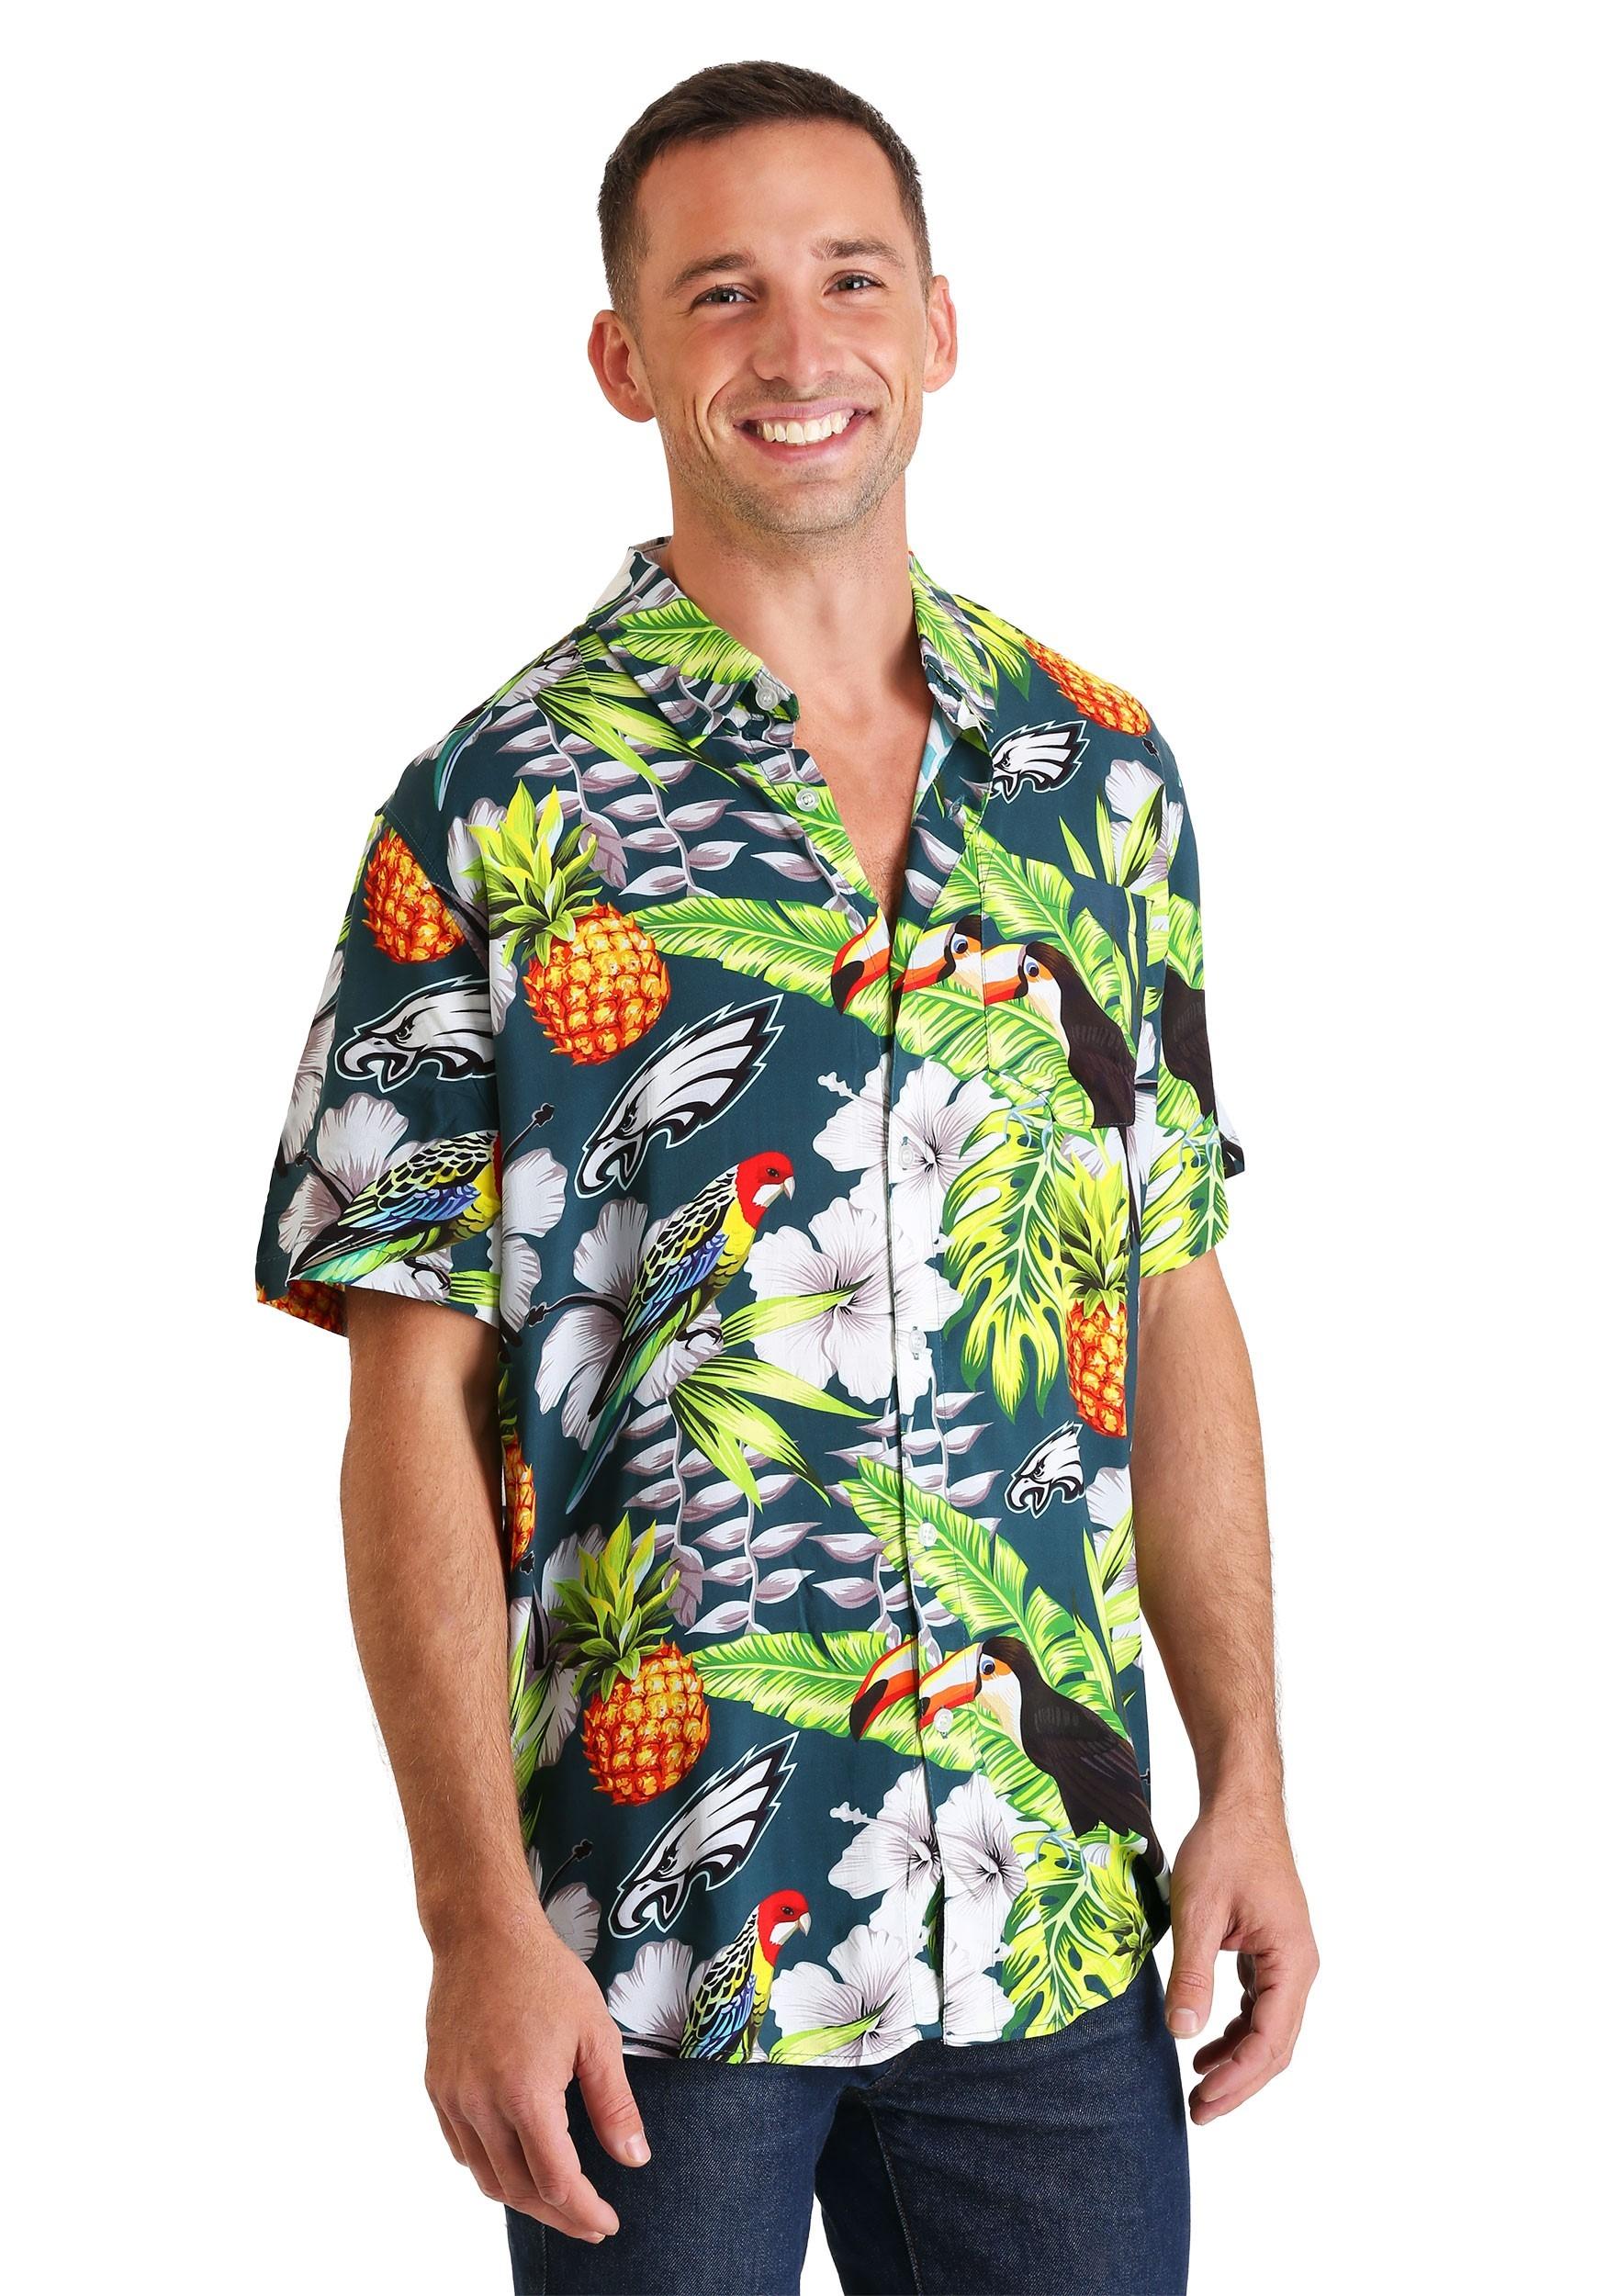 new concept 8dc2d 6d4d3 Men's Philadelphia Eagles Floral Shirt